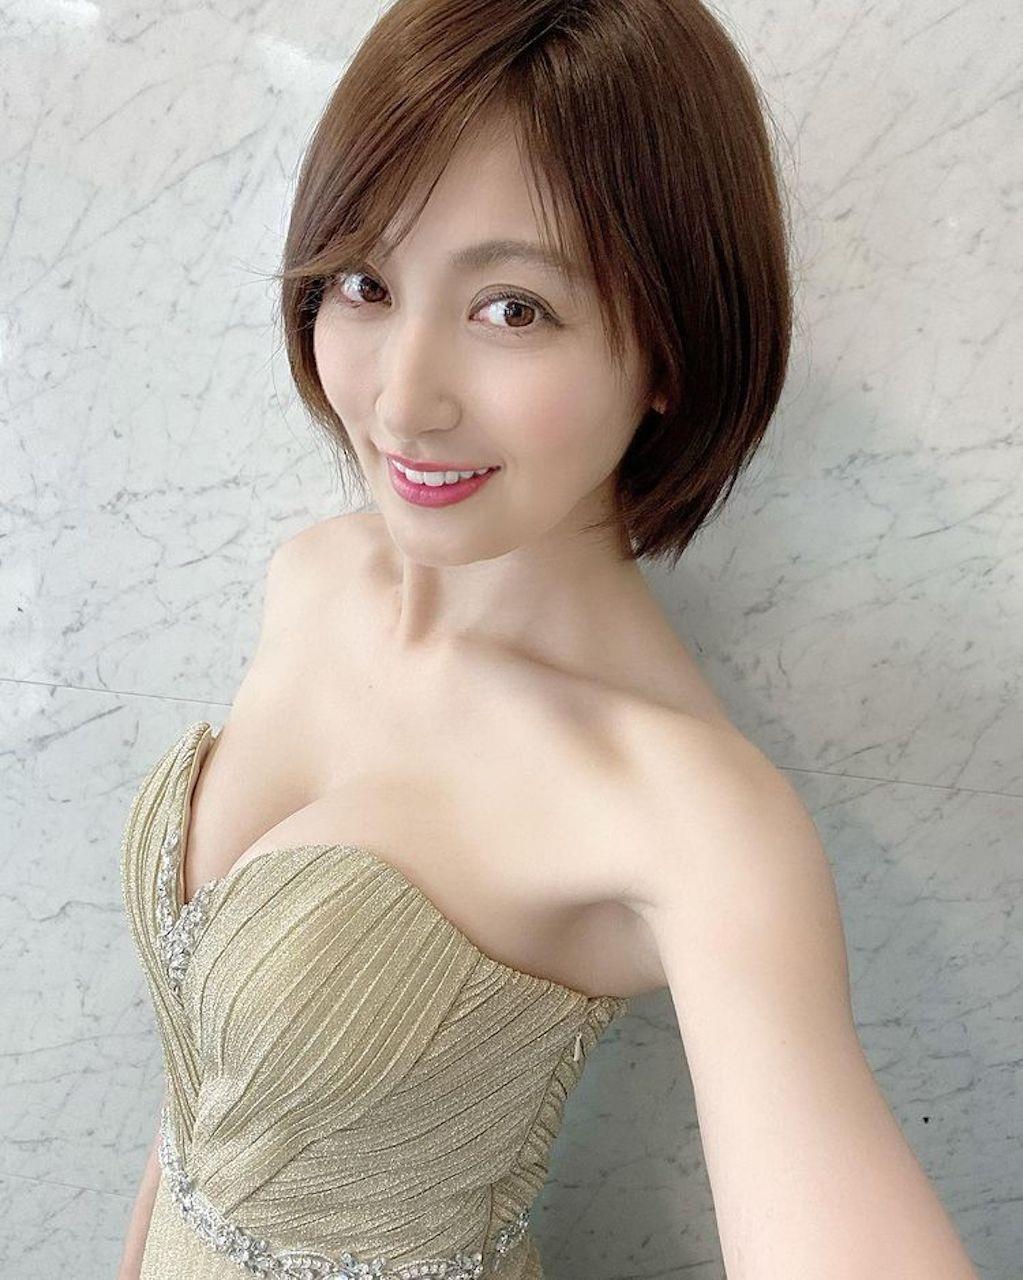 Nữ hoàng áo tắm Nhật Bản Yoko Kumada ly hôn chồng vì bị bạo hành - 1